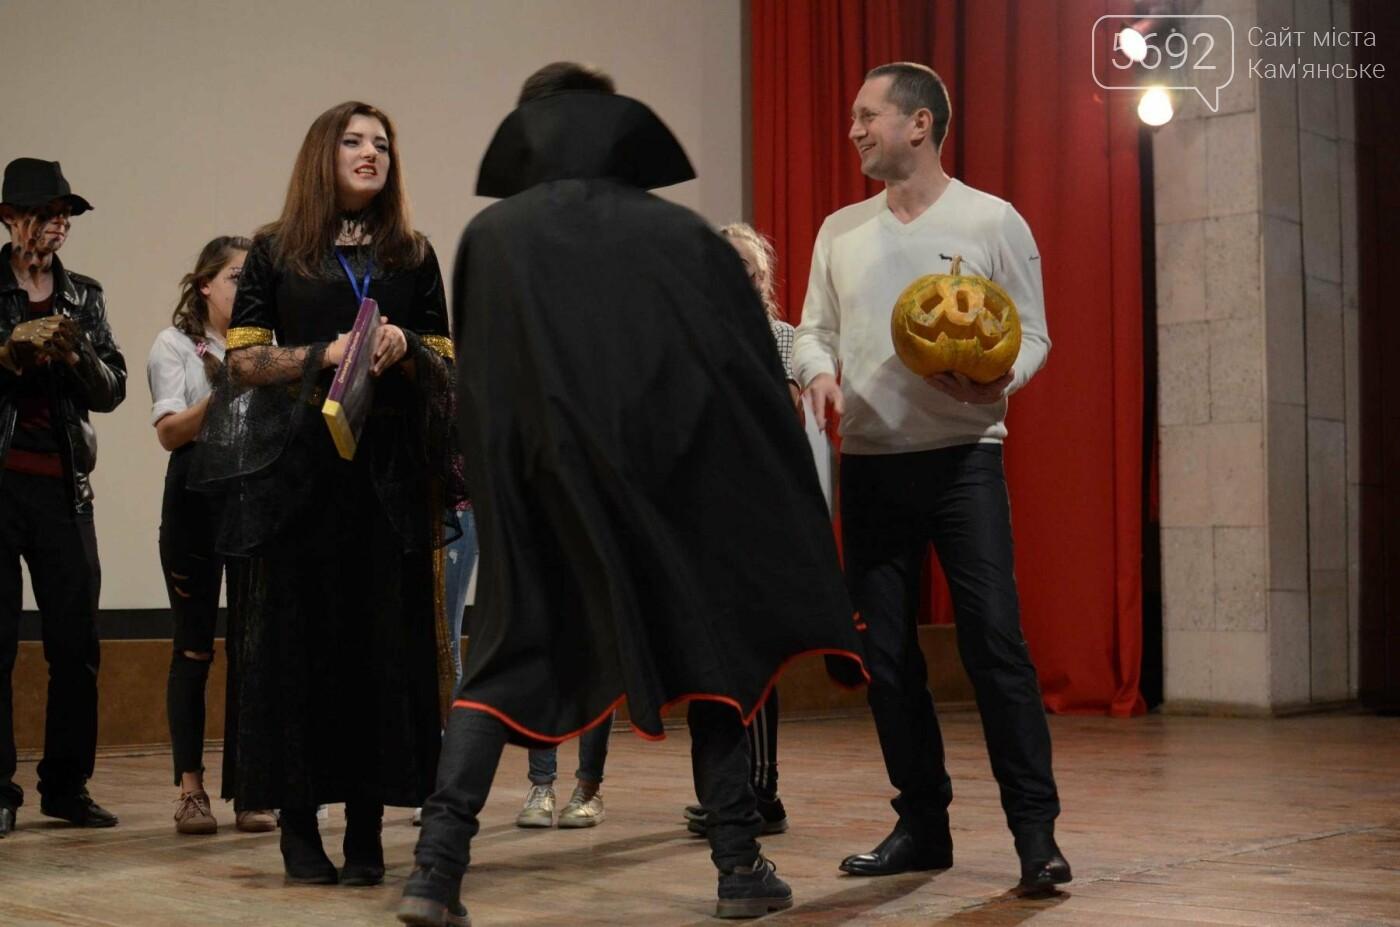 Ночь кино в Каменском посвятили Хэллоуину, фото-24